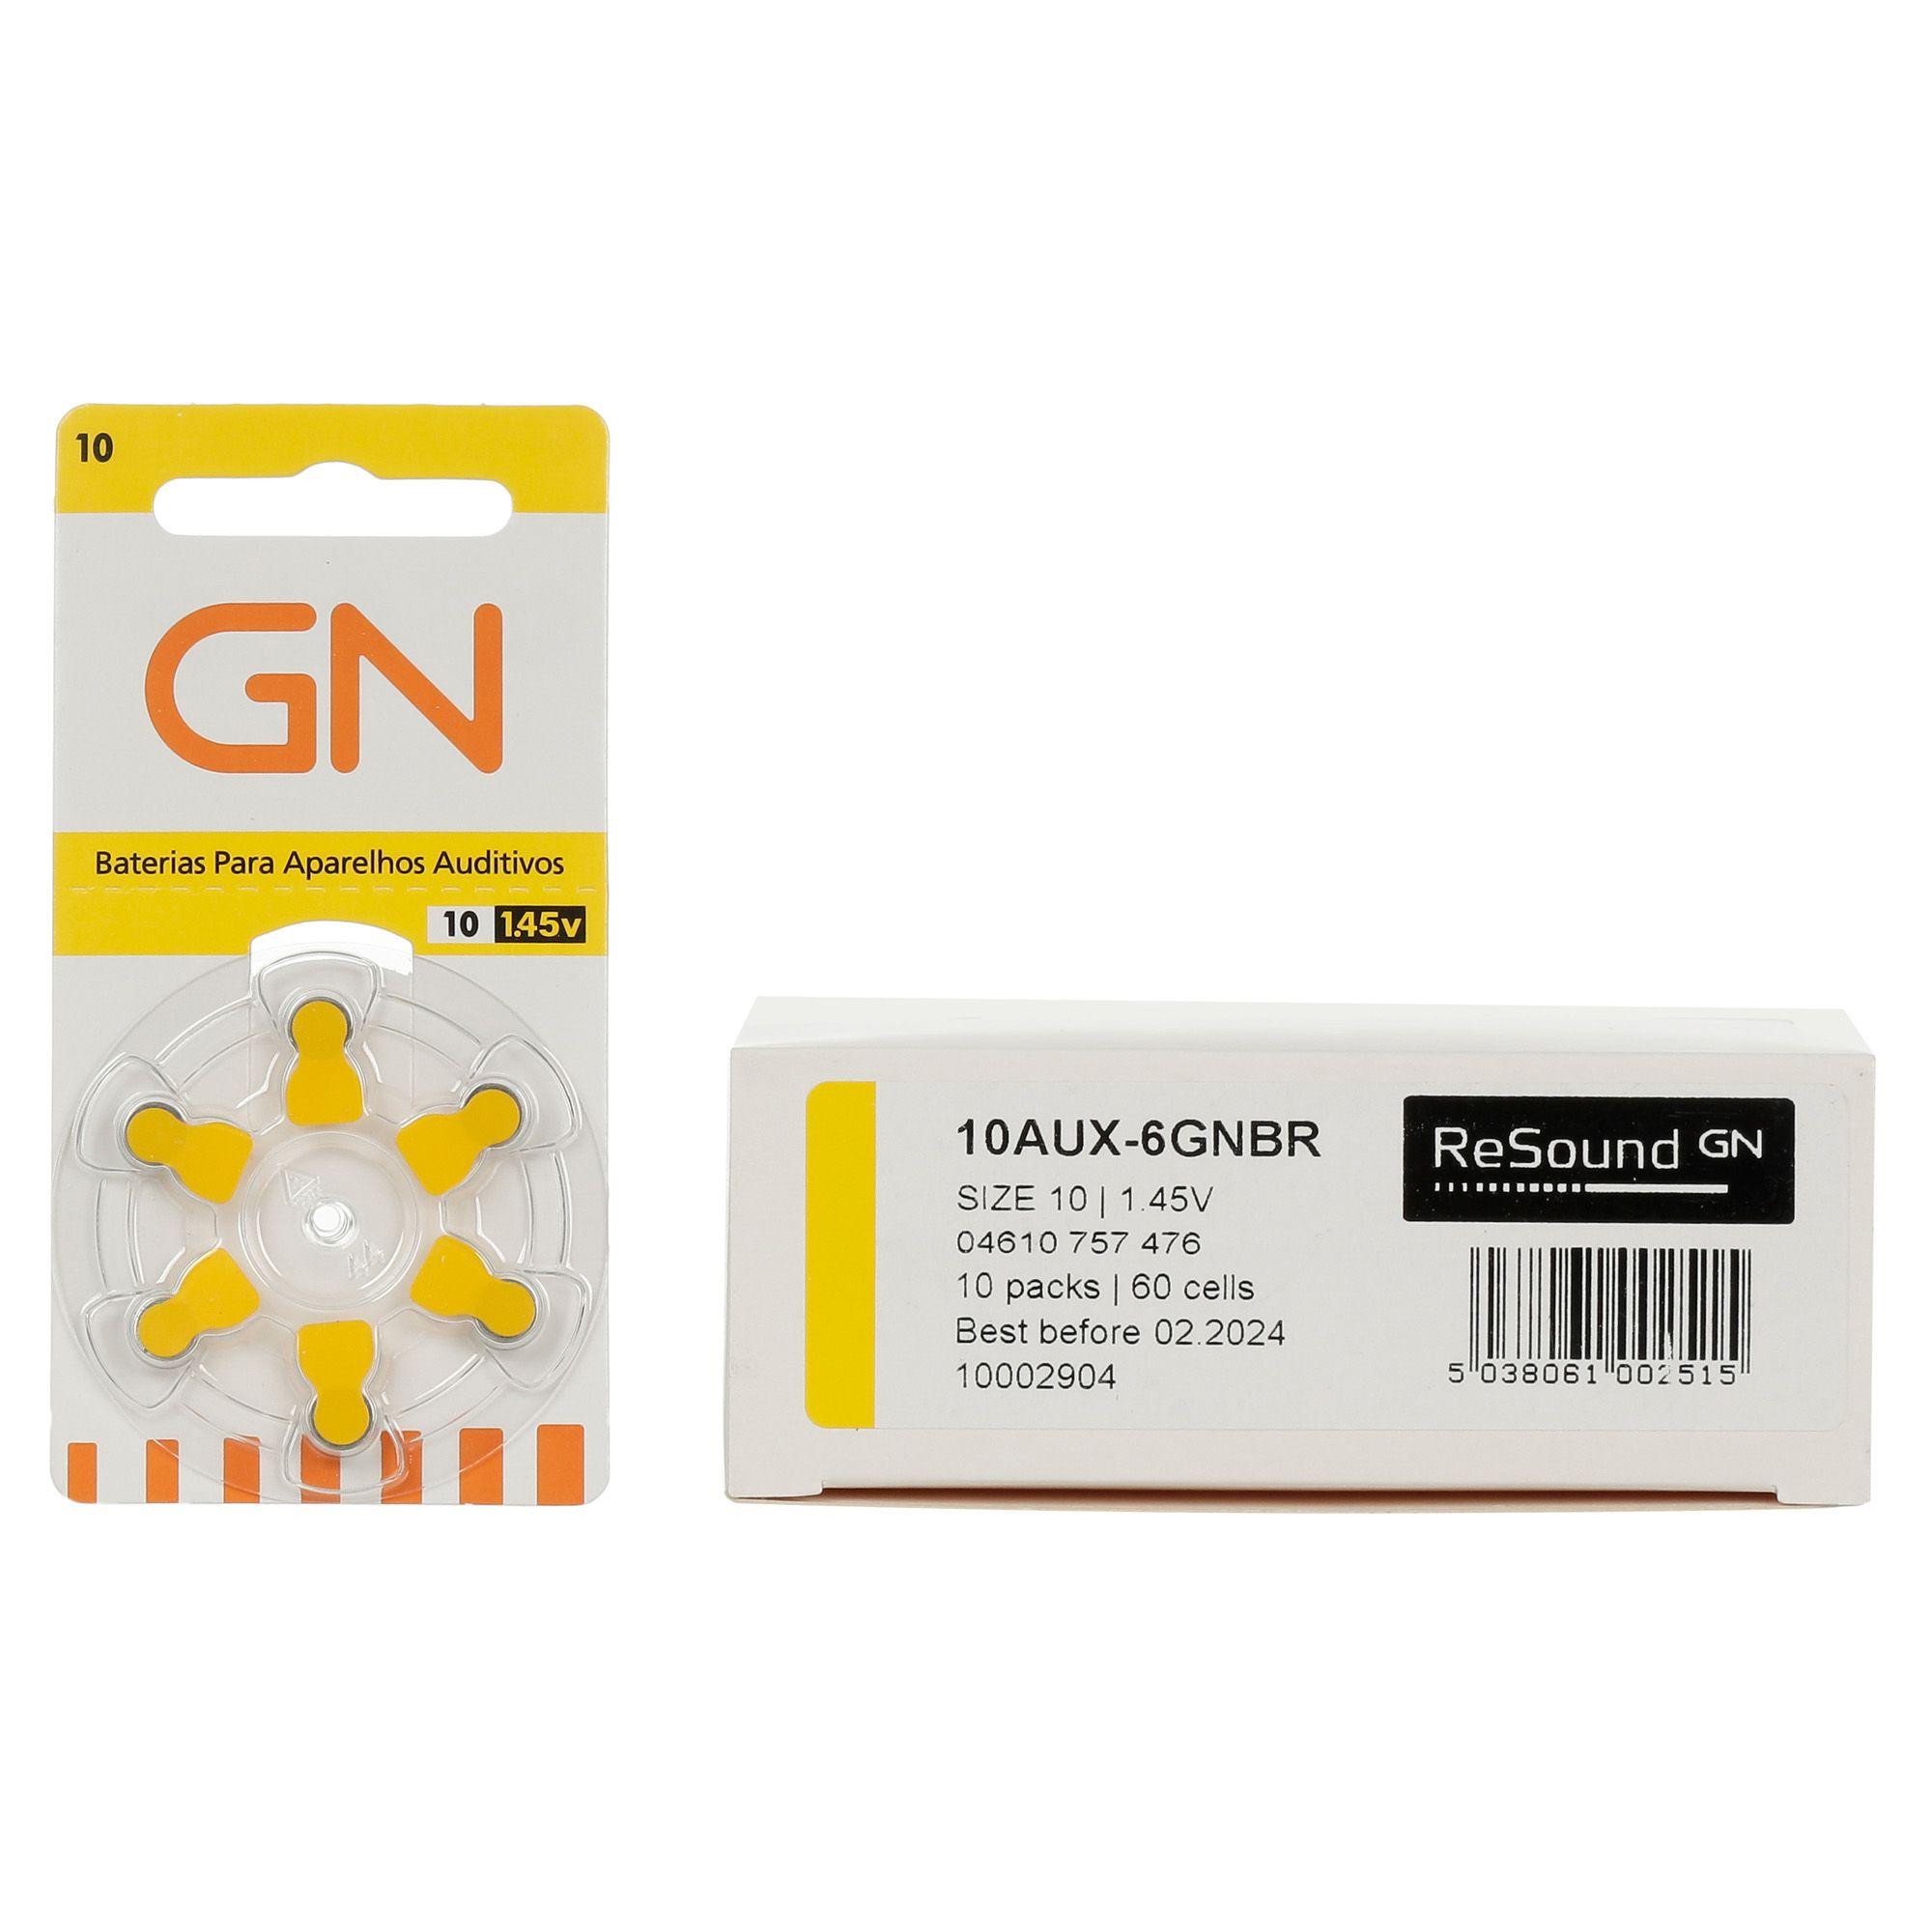 GN RESOUND 10 / PR70 - 10 Cartelas - 60 Baterias para Aparelho Auditivo